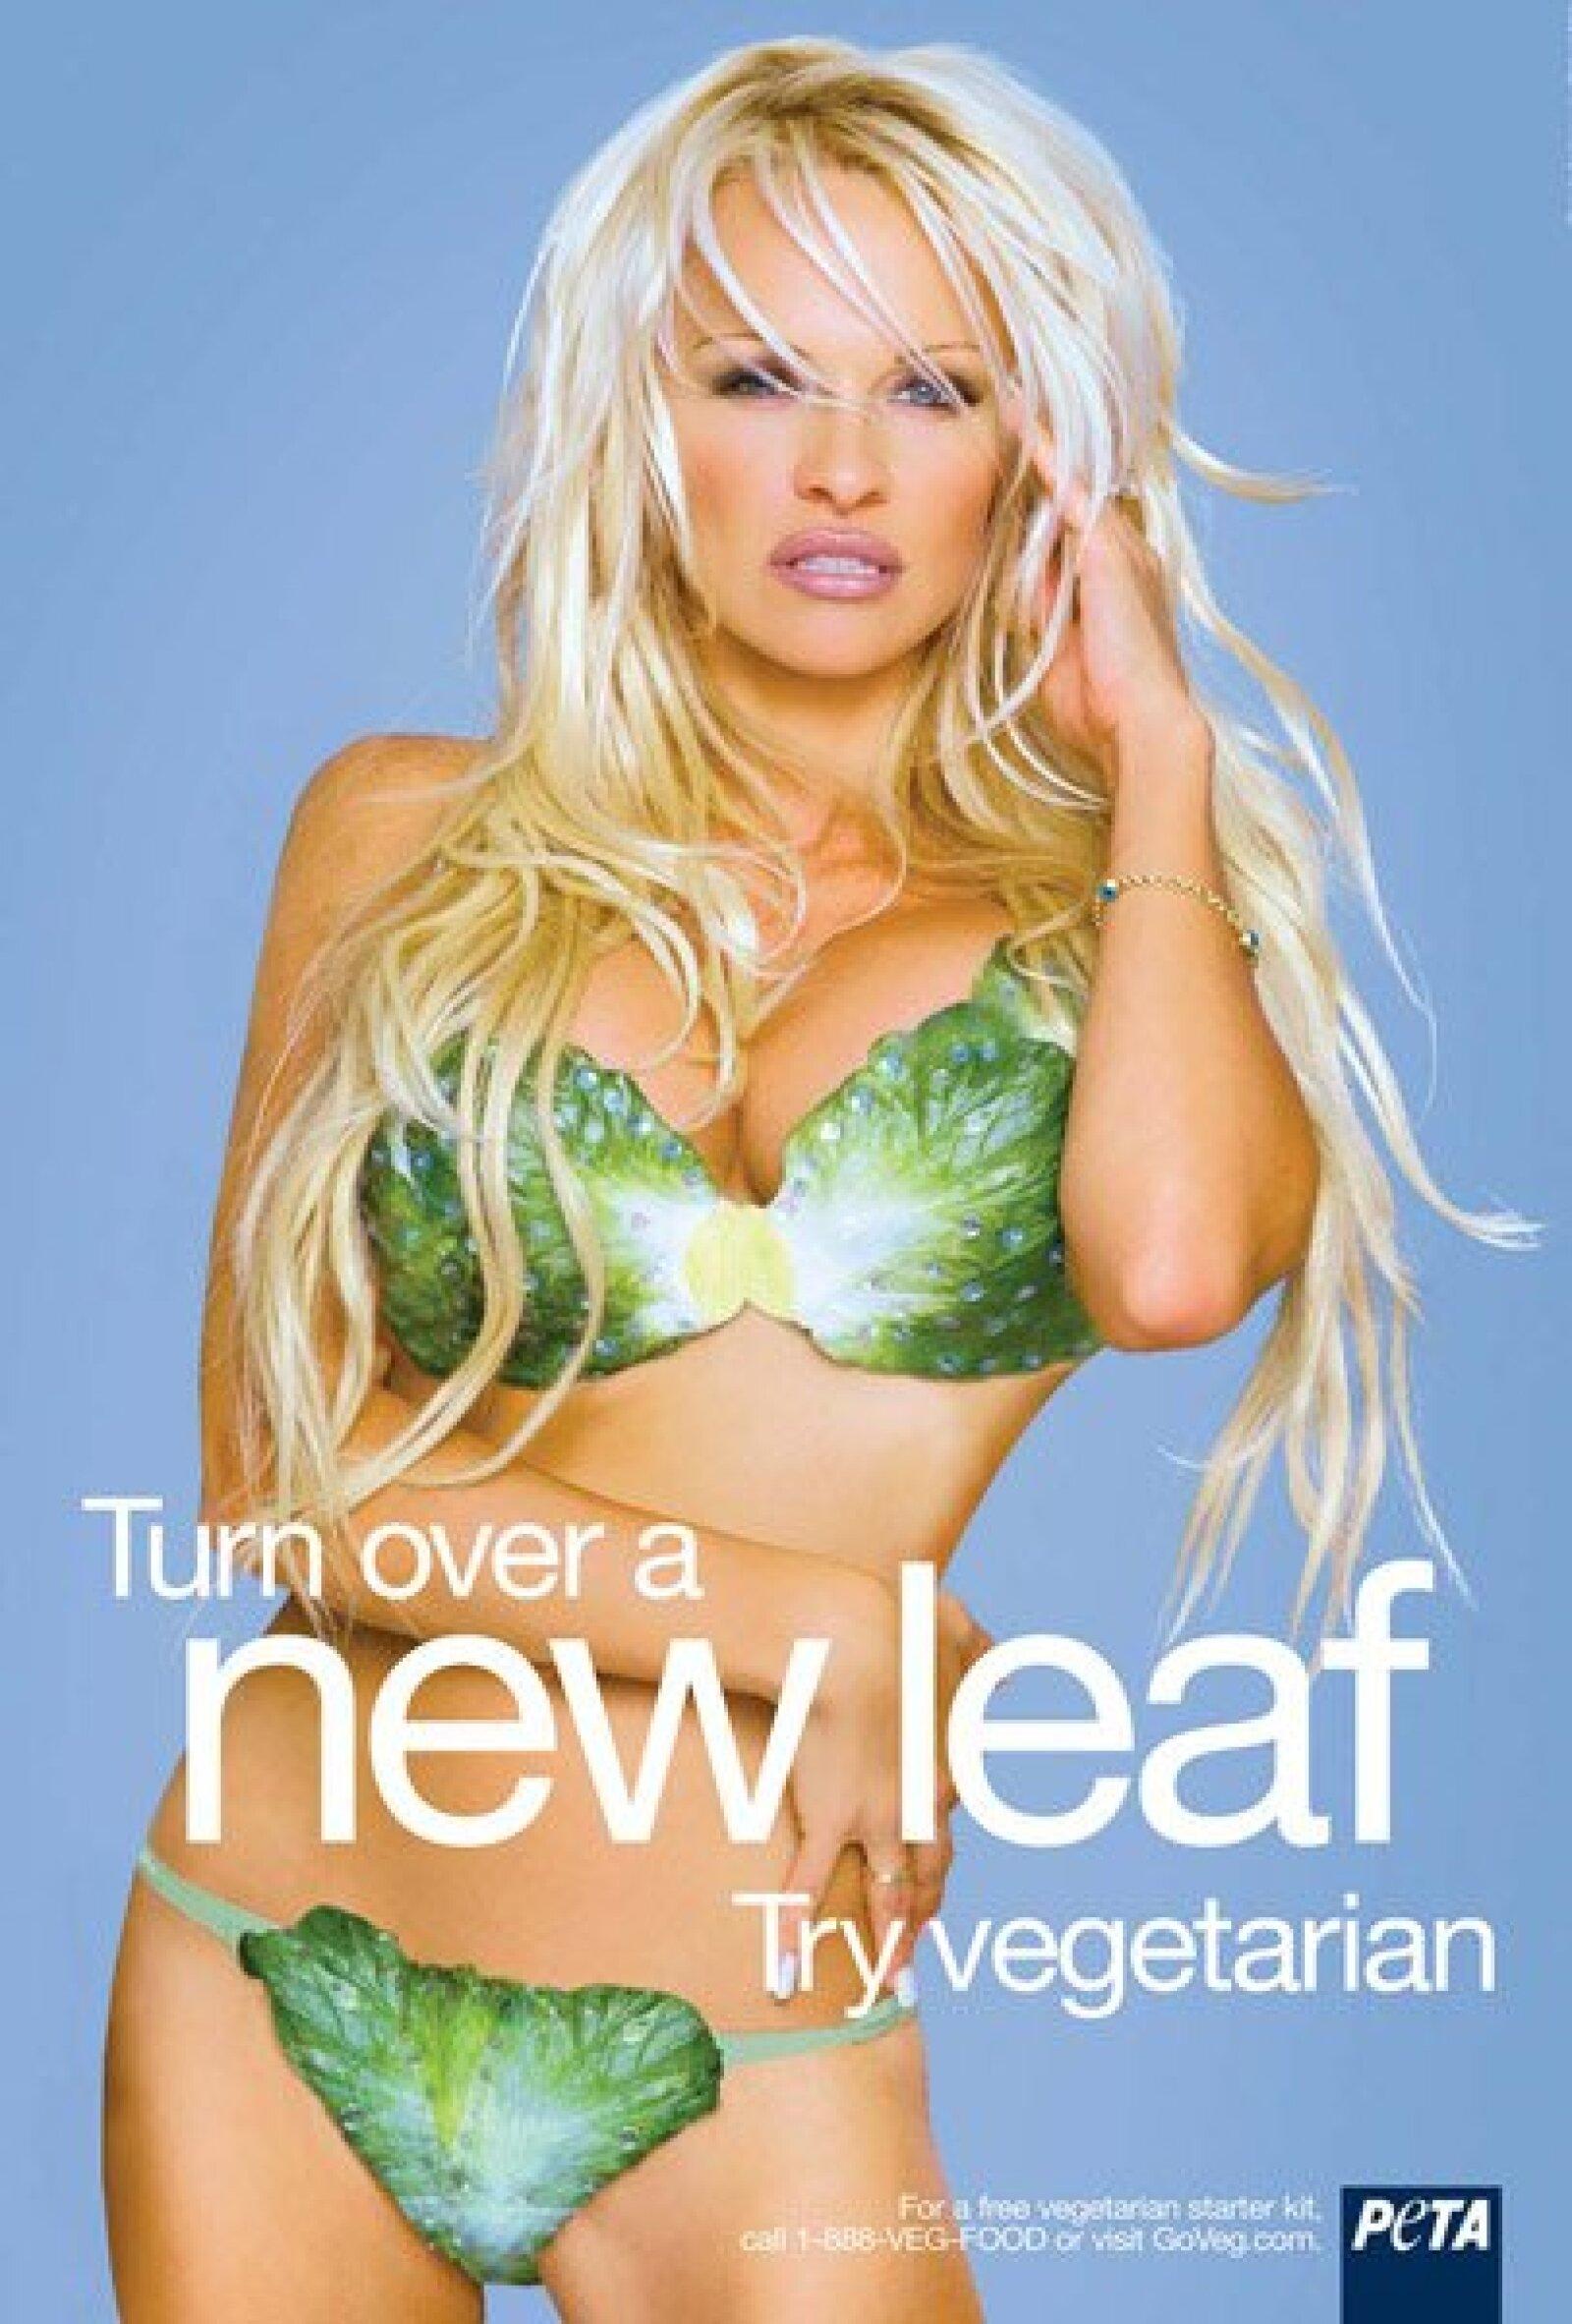 Pamela Anderson posó para PETA donde incitaba al vegetarianismo. Siempre a favor de los animales.